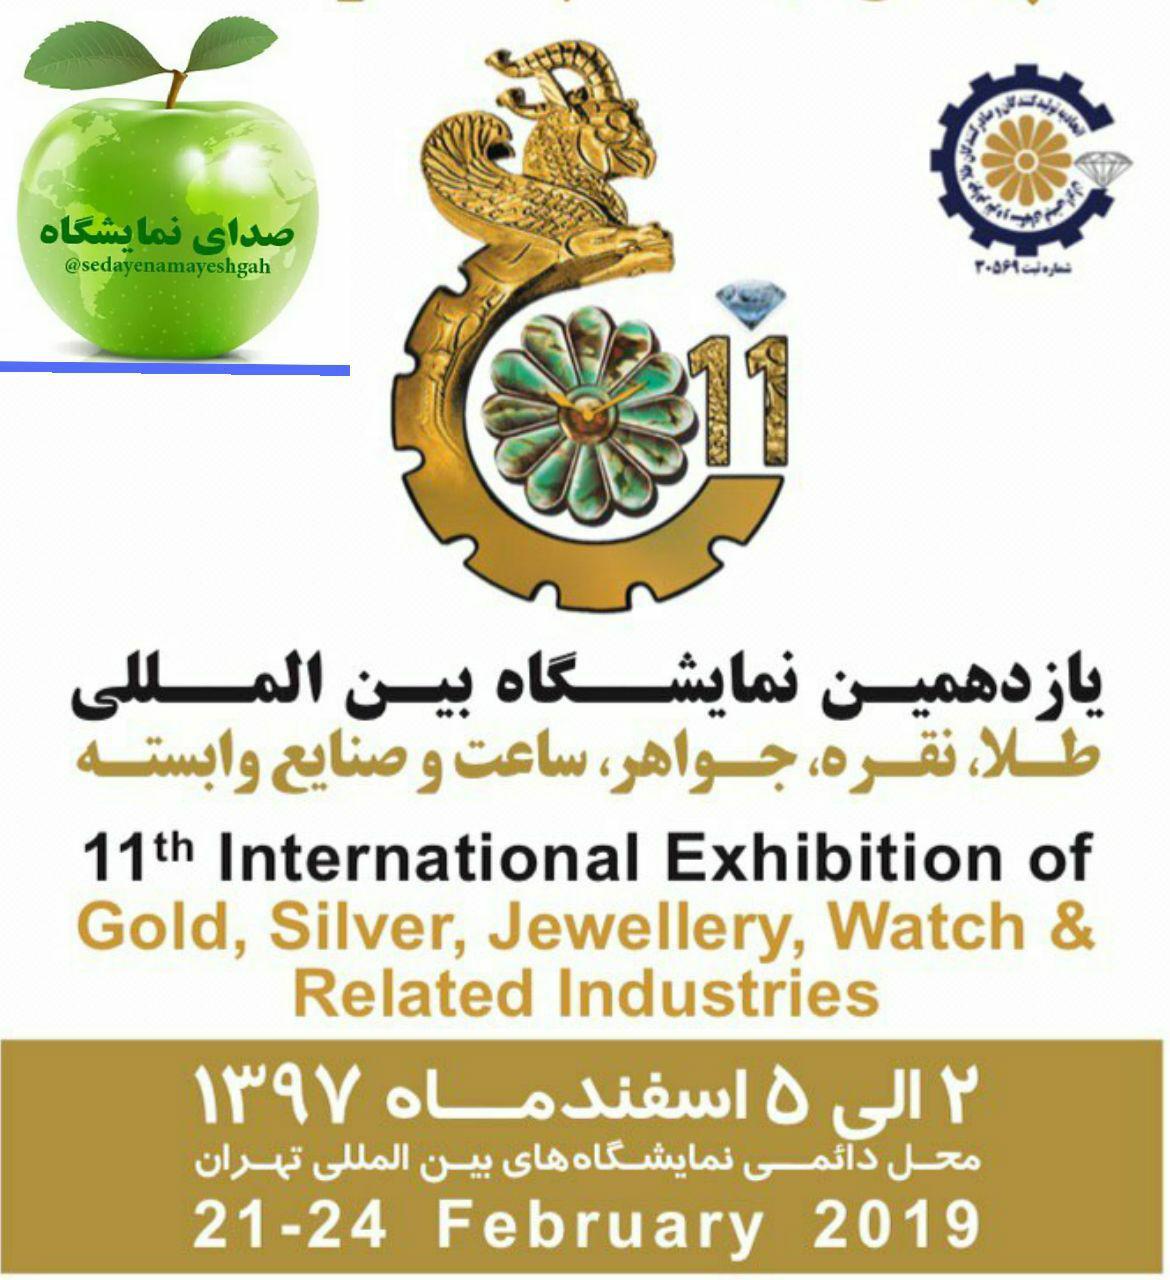 غرفه سازی در یازدهمین نمایشگاه بین المللی طلا ، نقره ، جواهر ، ساعت و صنایع وابسته